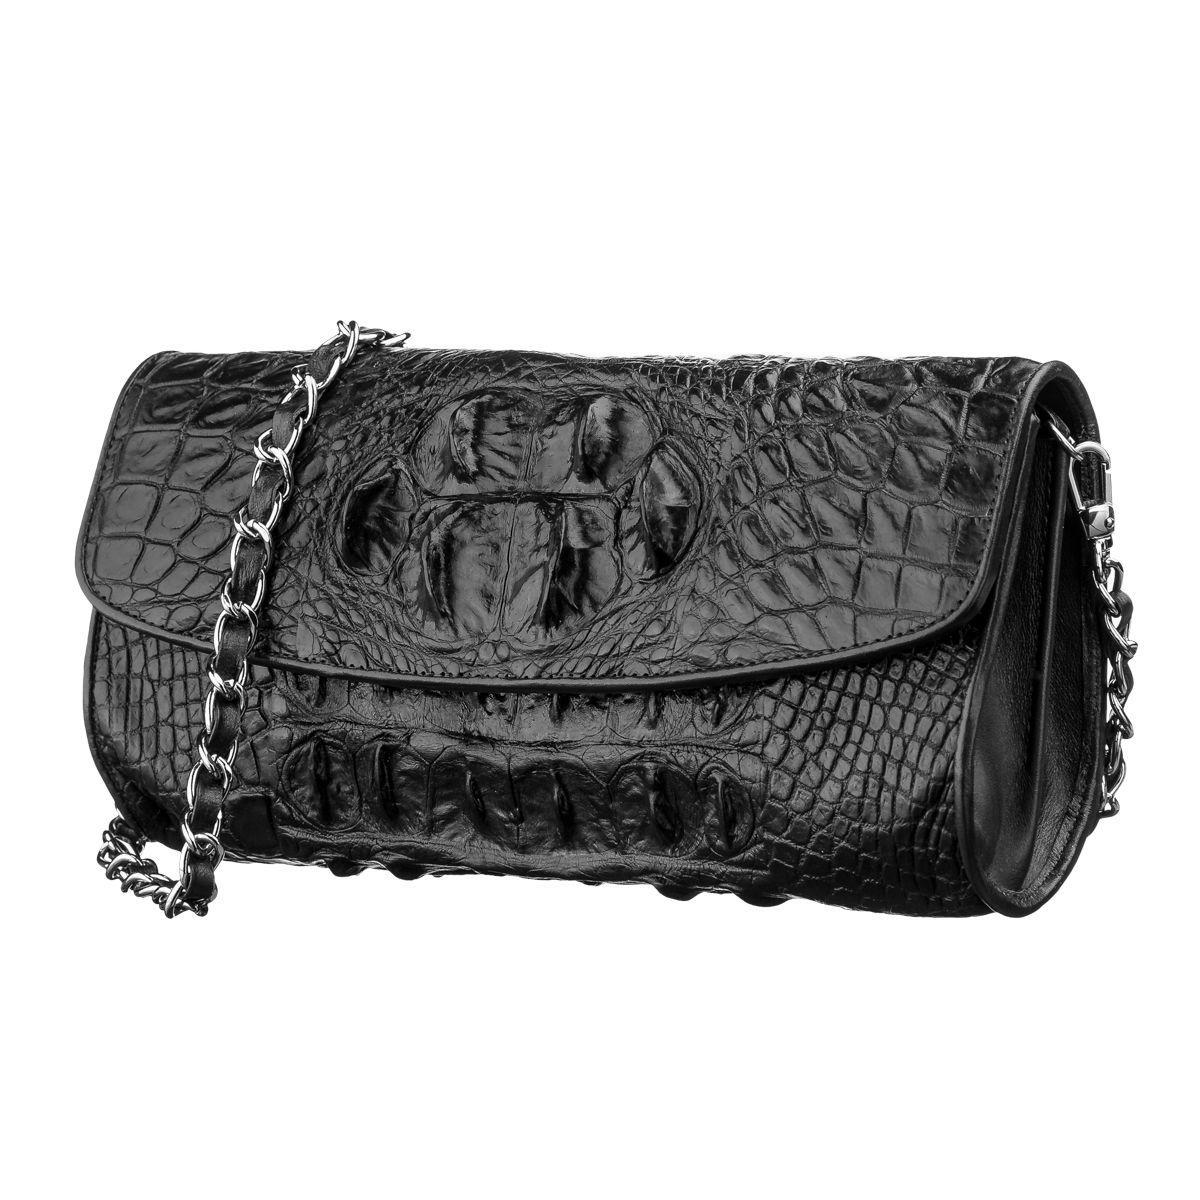 38ae3d5ec059 Сумка клатч CROCODILE LEATHER 18243 из натуральной кожи крокодила Коричневая,  Коричневый - Torba Super в